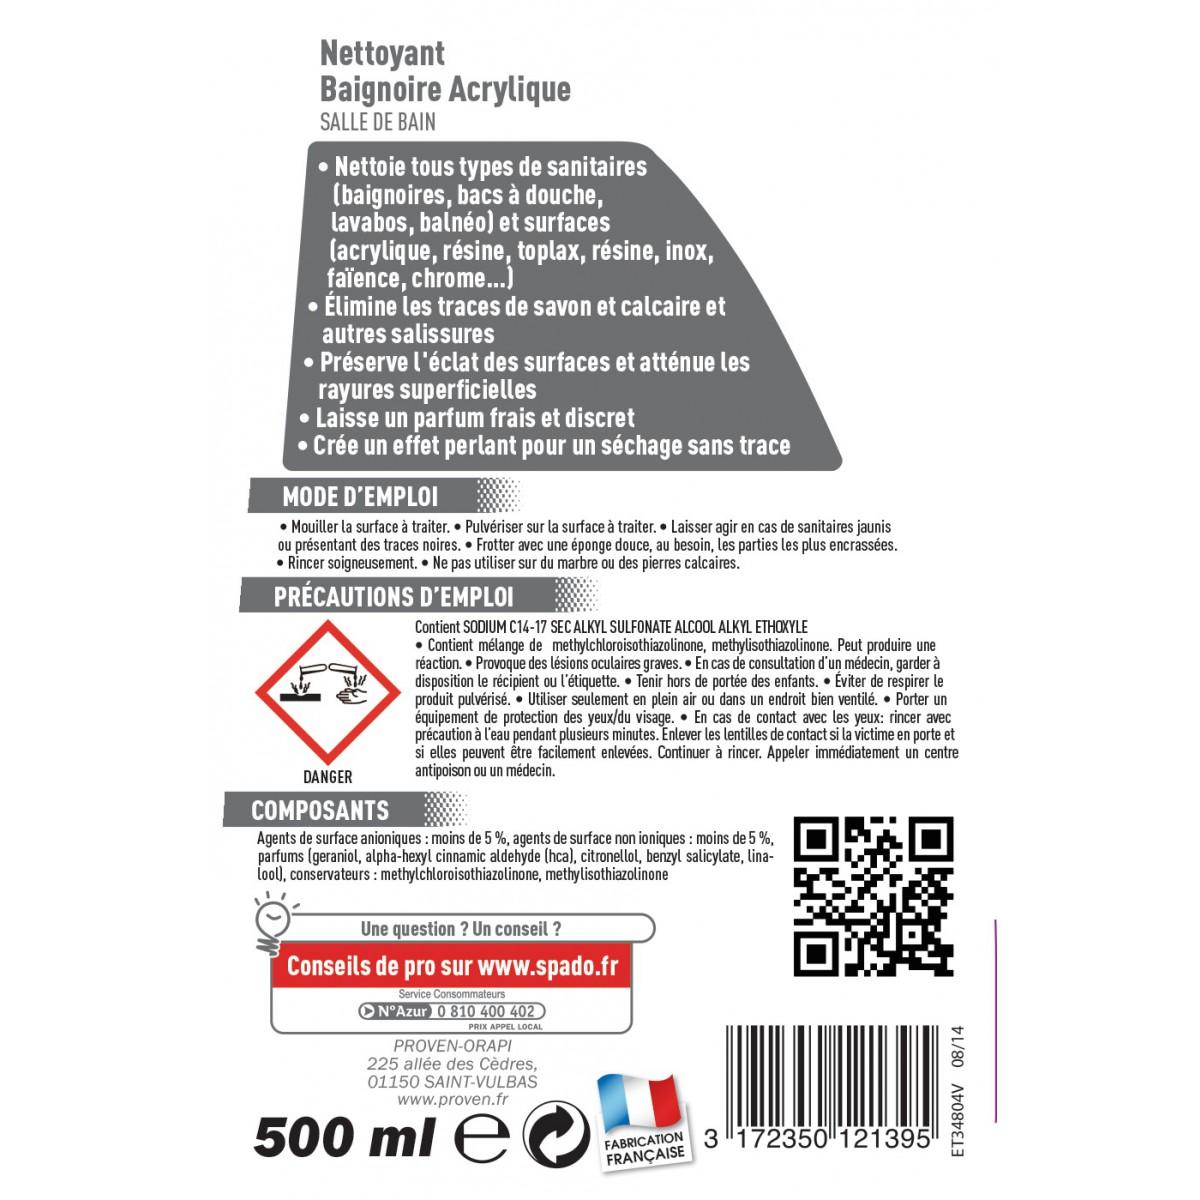 nettoyant baignoire acrylique spado - pulvérisateur 500 ml de